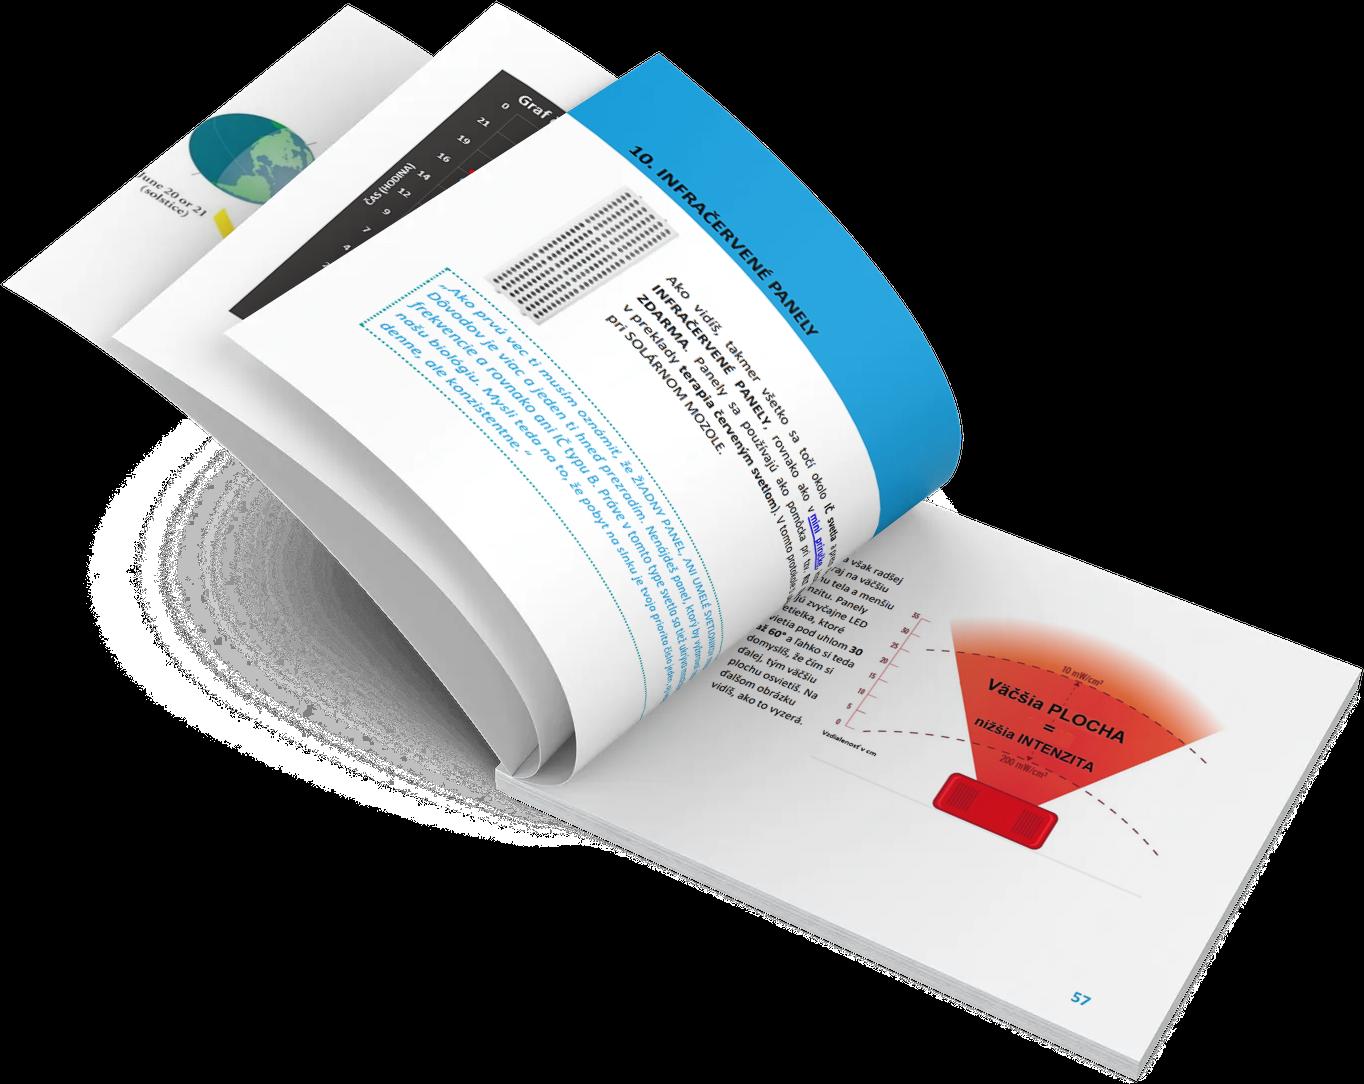 Príručka biohackera-opaľovací protokol infračervené panele